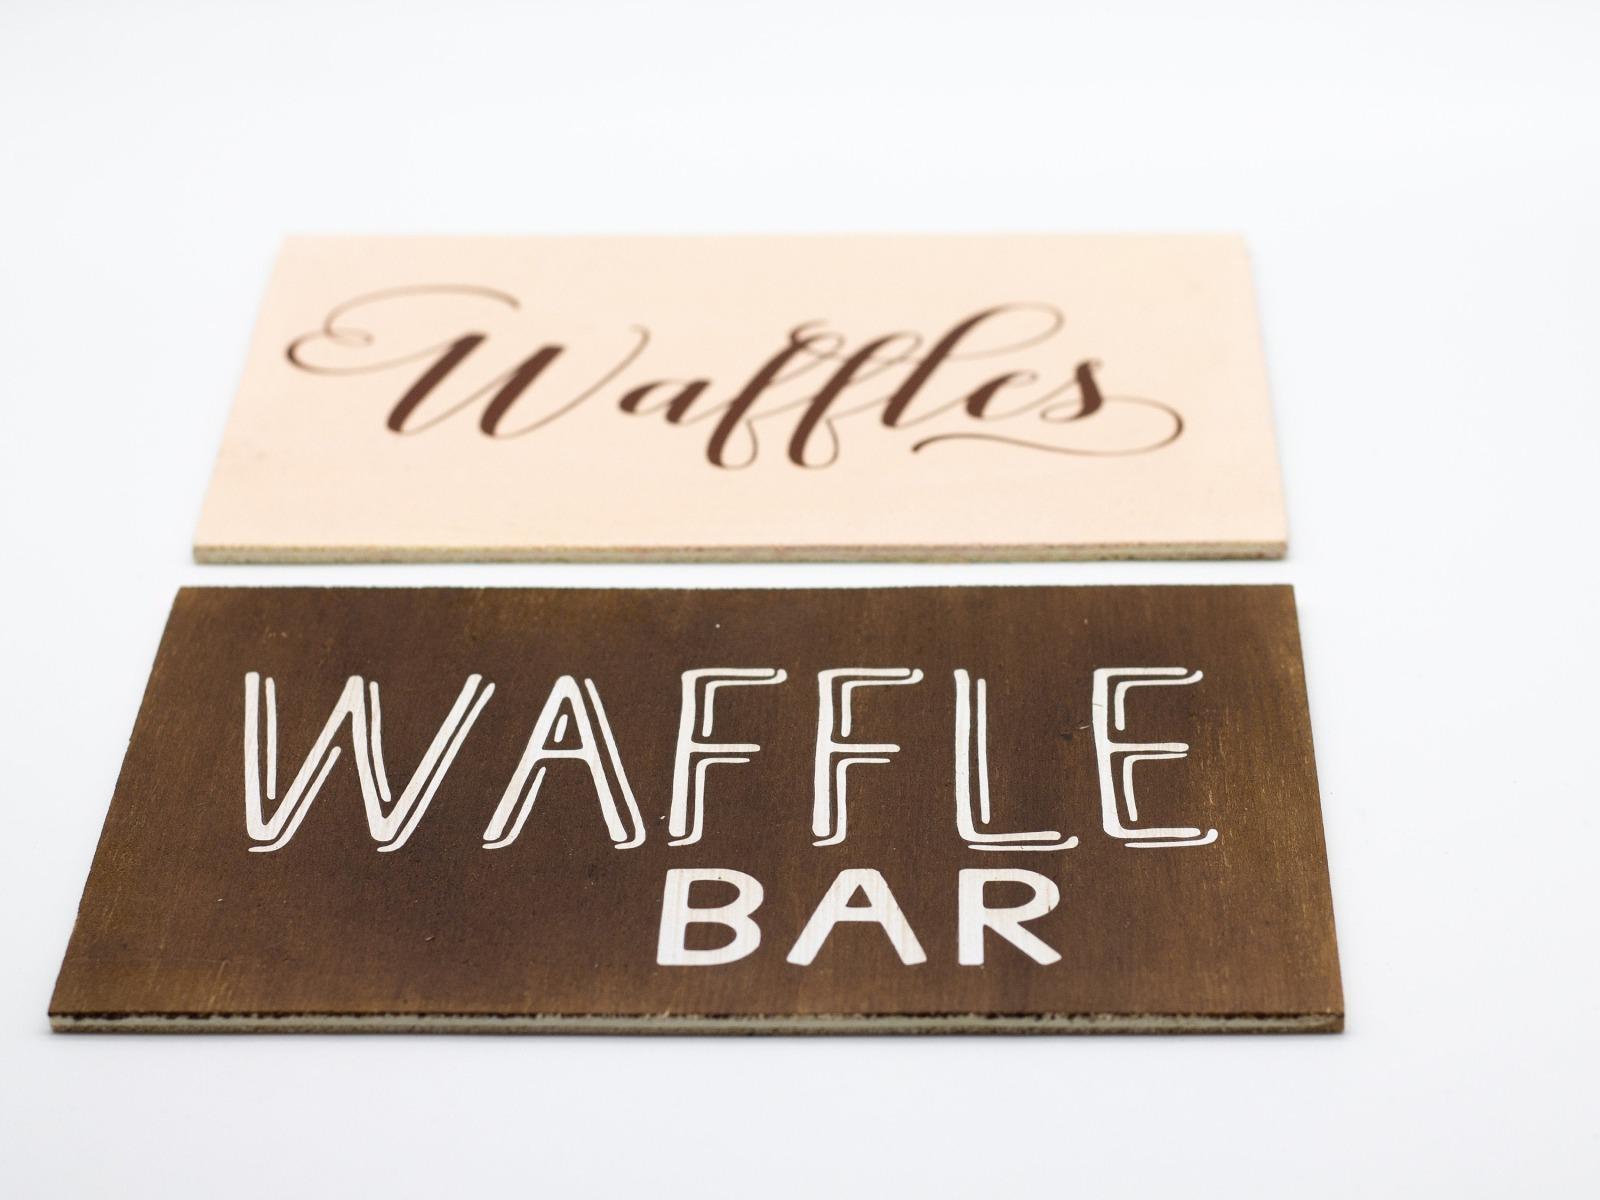 Waffle Bar Holzschild 3